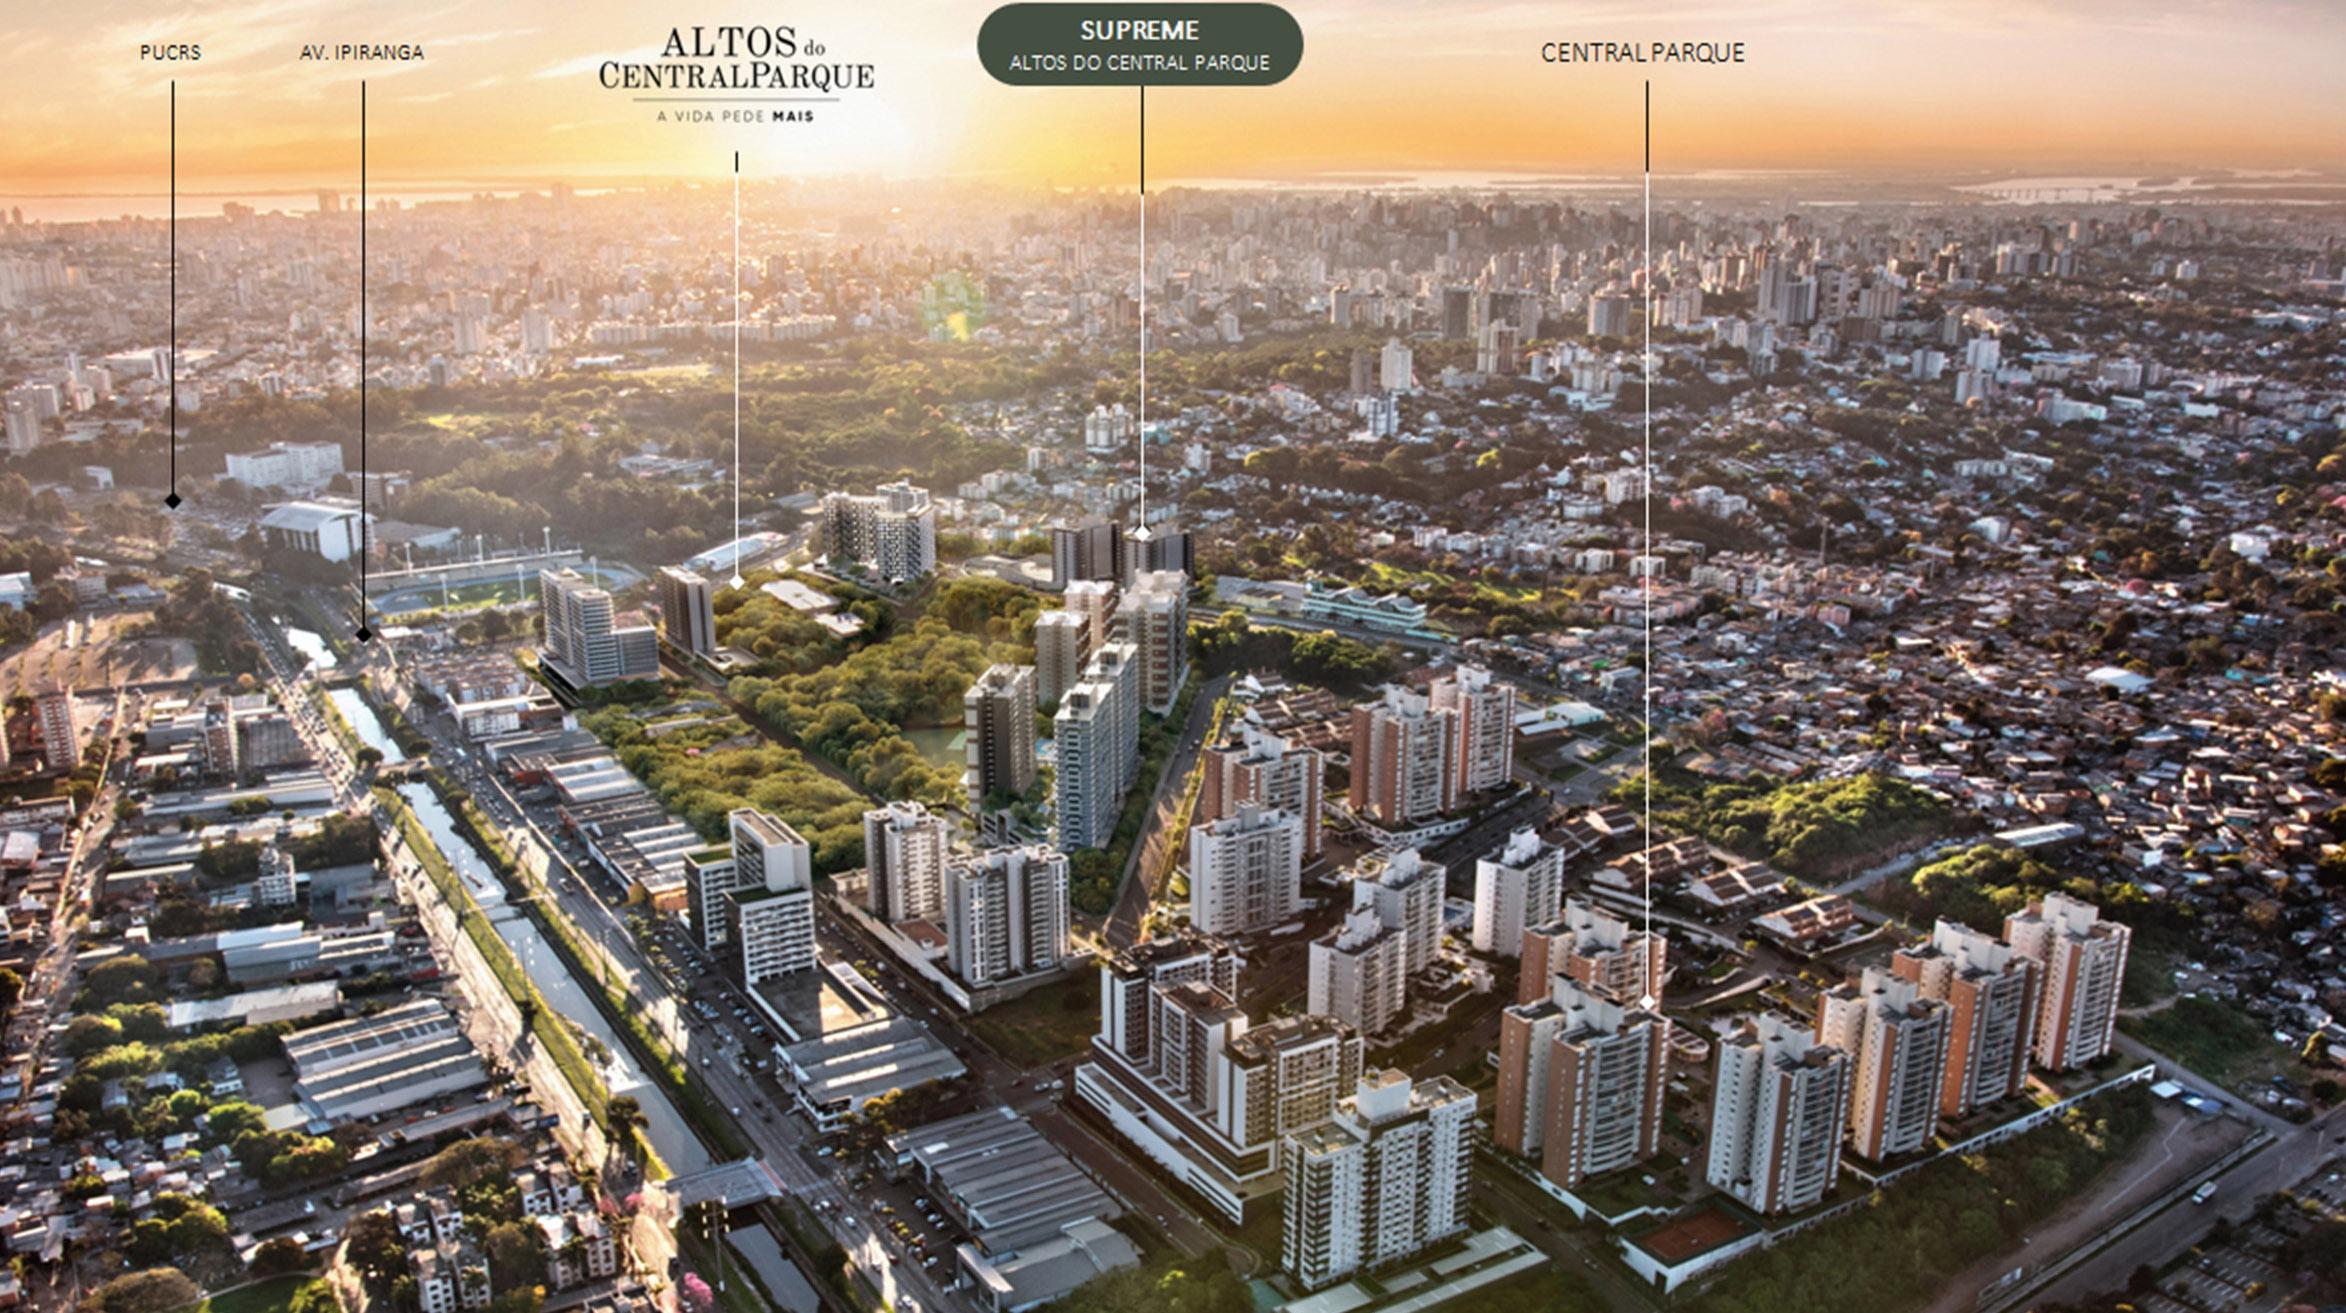 Imagem aérea que mostra a proximidade do empreendimento com pontos importantes